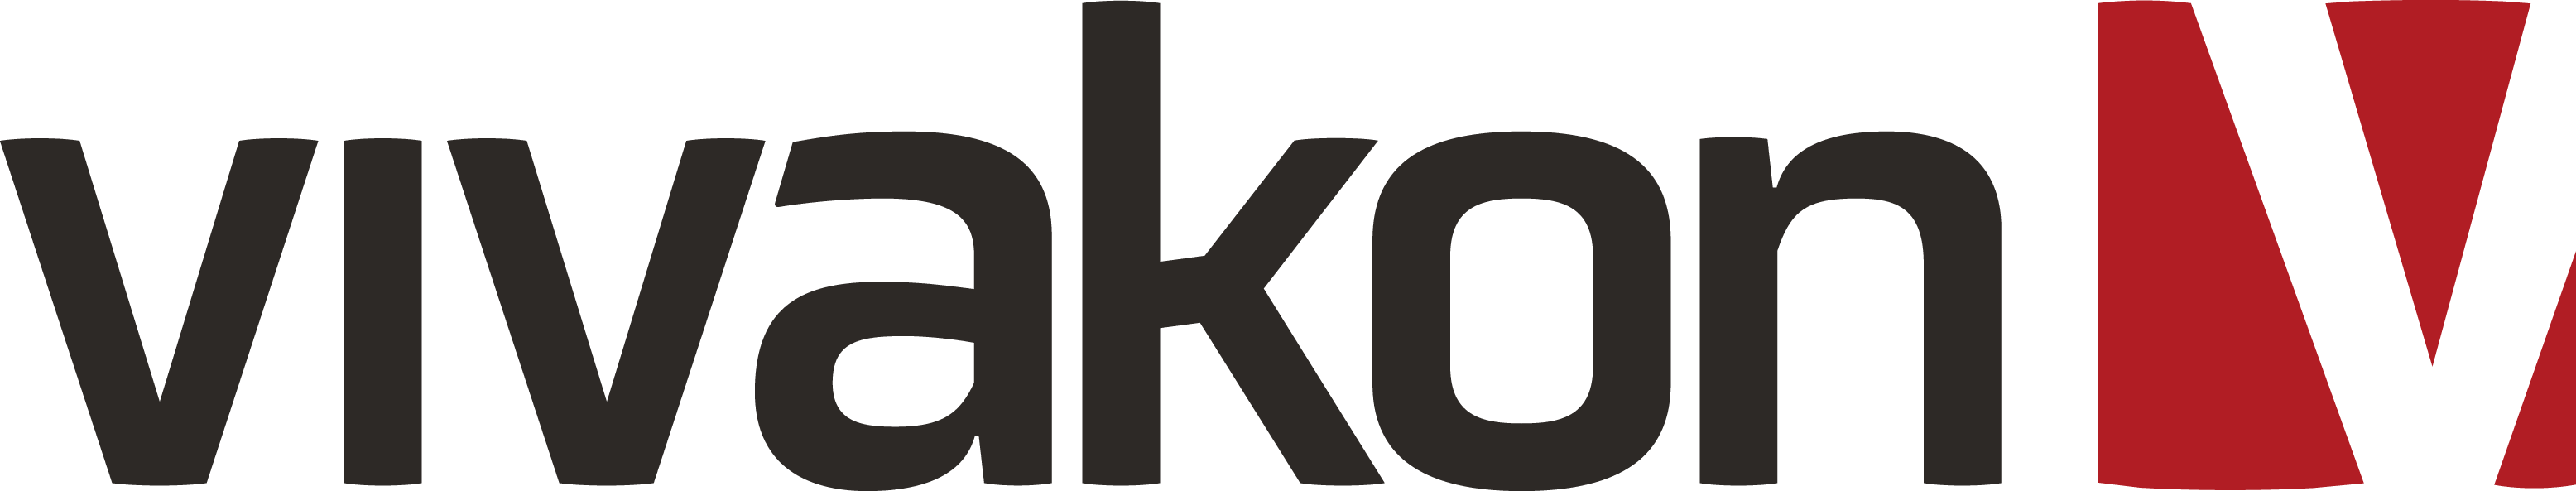 vivakon-gmbh-logo-dunkel